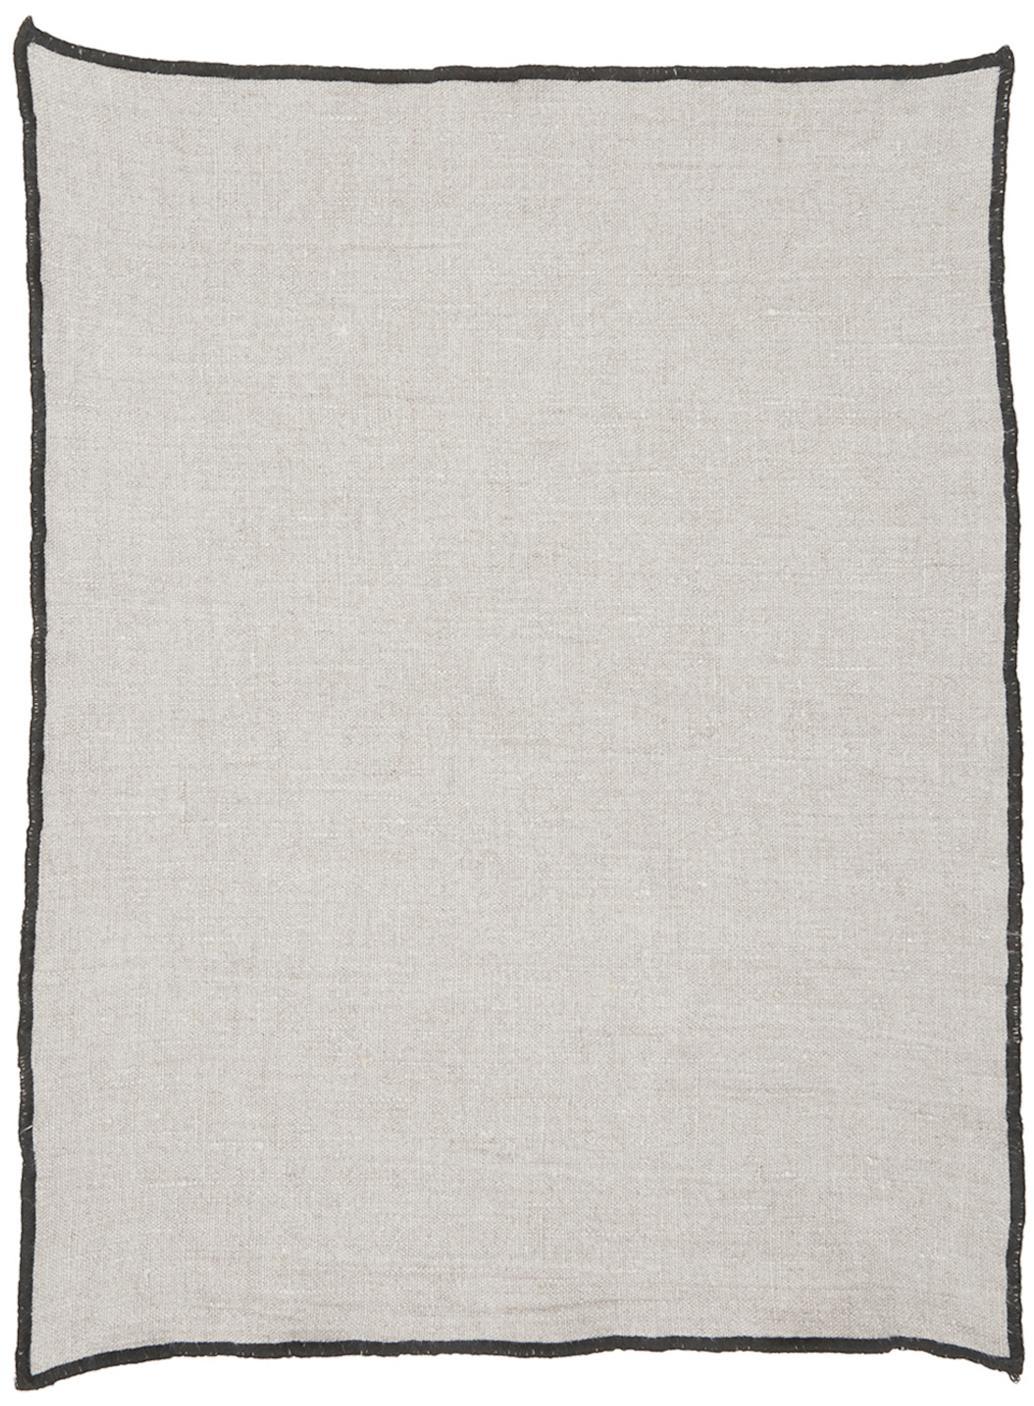 Leinen-Tischsets Luri, 4 Stück, Leinen, Beige, 35 x 45 cm